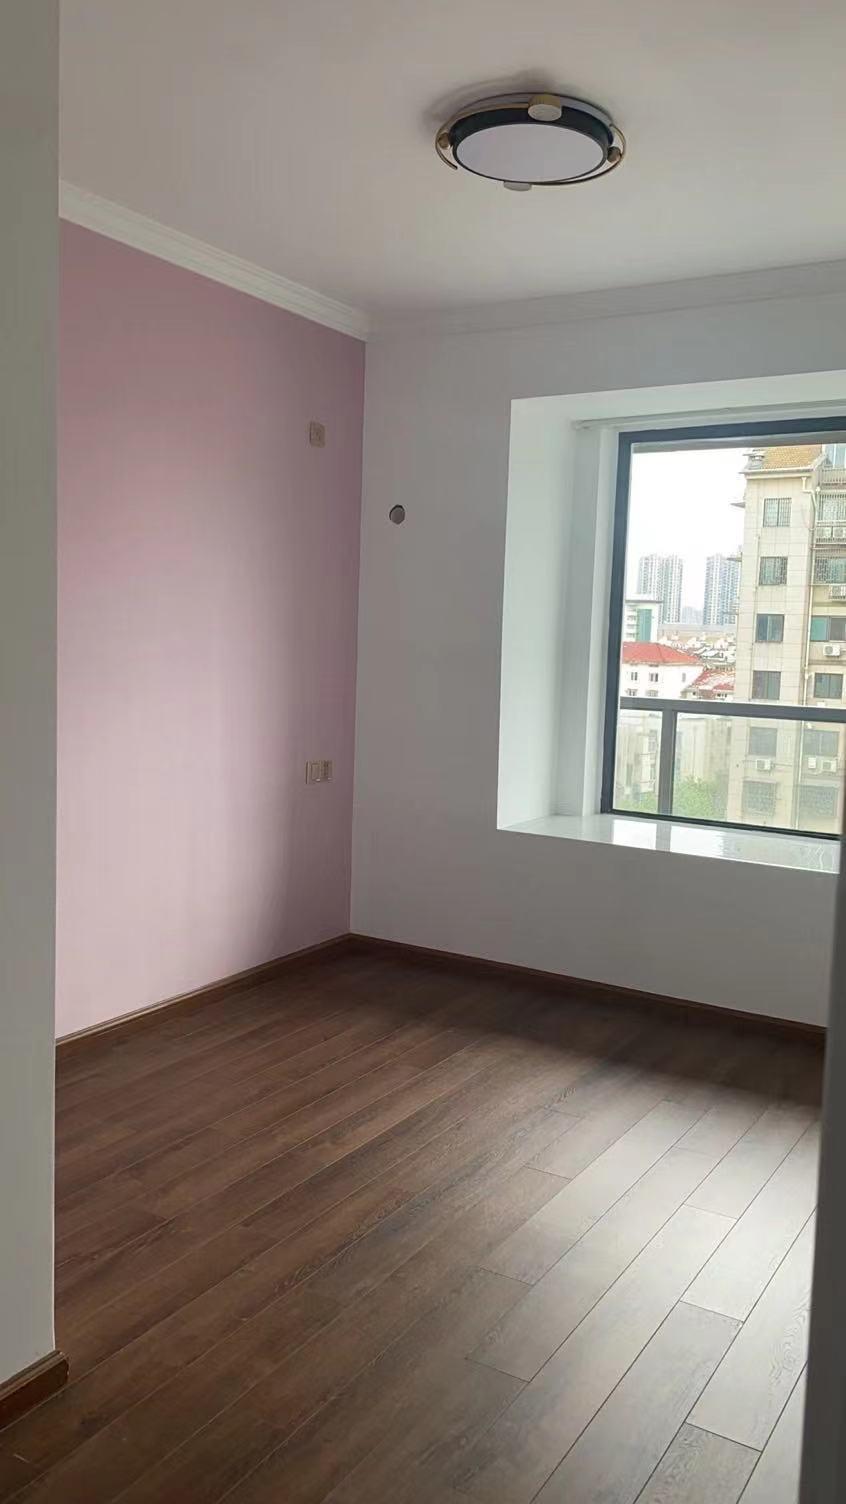 B06261出租迎恩府9楼,98方,三室两厅小套房,新装修,家电家具齐全,拎包入住,租金2500一个月,不包物业费的实拍照片